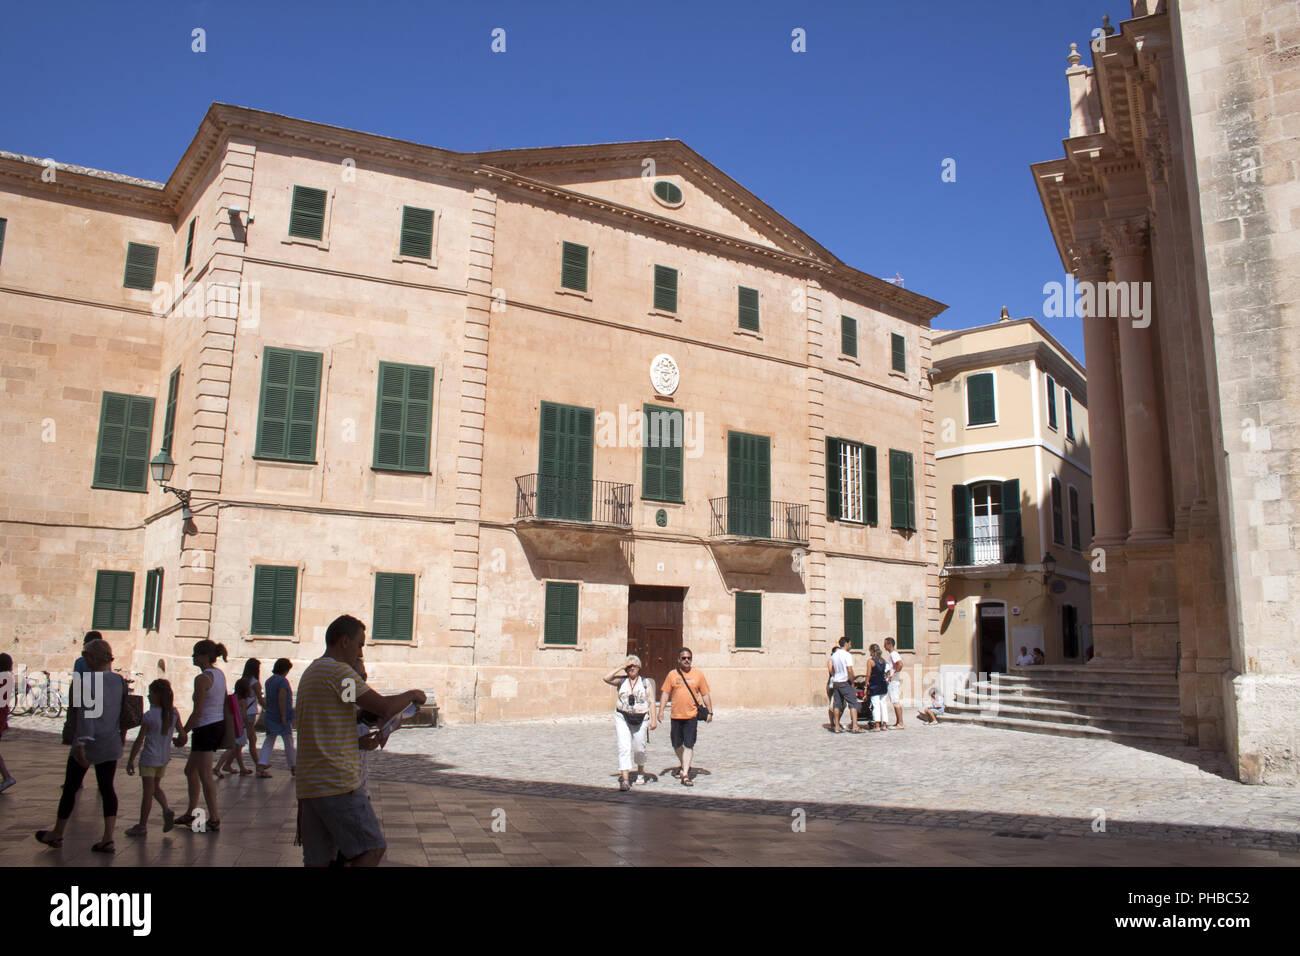 Eiland Menorca, Ciutadella, Spain - Stock Image